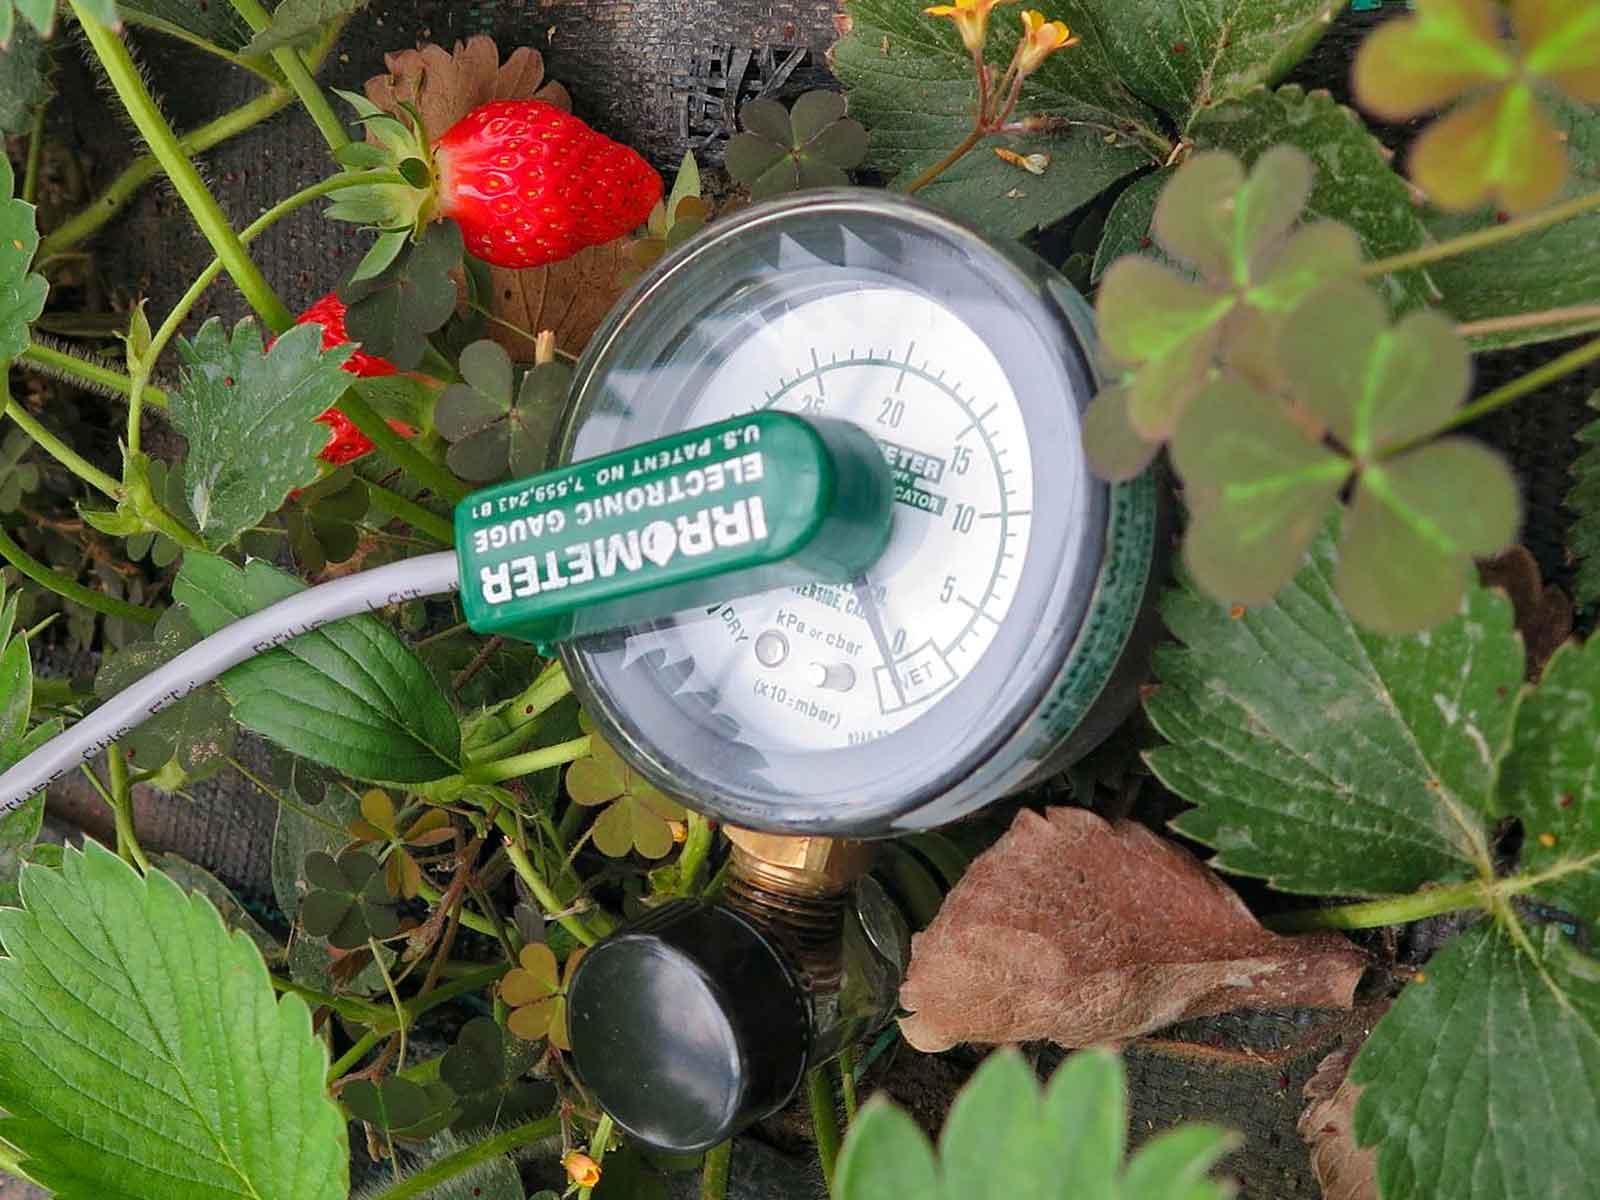 Condition Monitoring in der Landwirtschaft • Ein Tensiometer überwacht die Bodenfeuchte und sendet die Daten an das IoT Edge Gateway DATAEAGLE 7000.